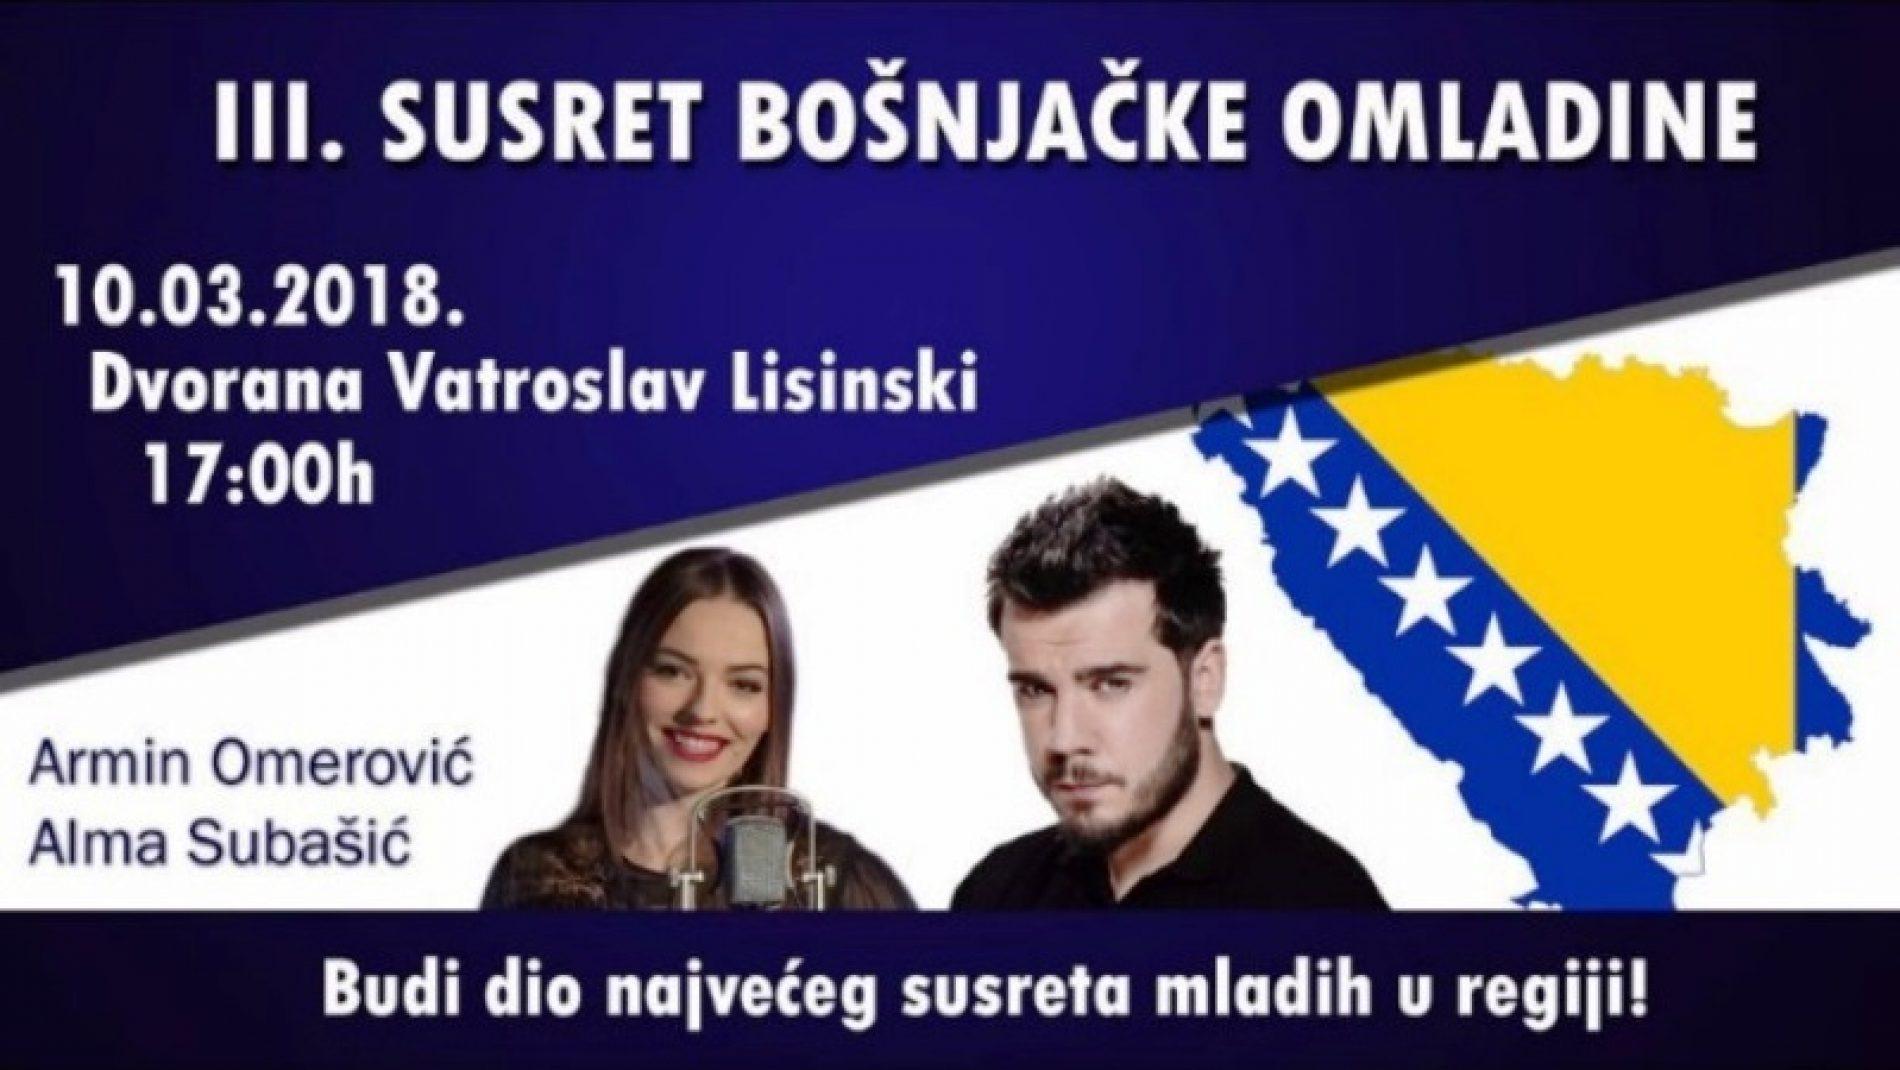 Treći susret bošnjačke omladine u Zagrebu